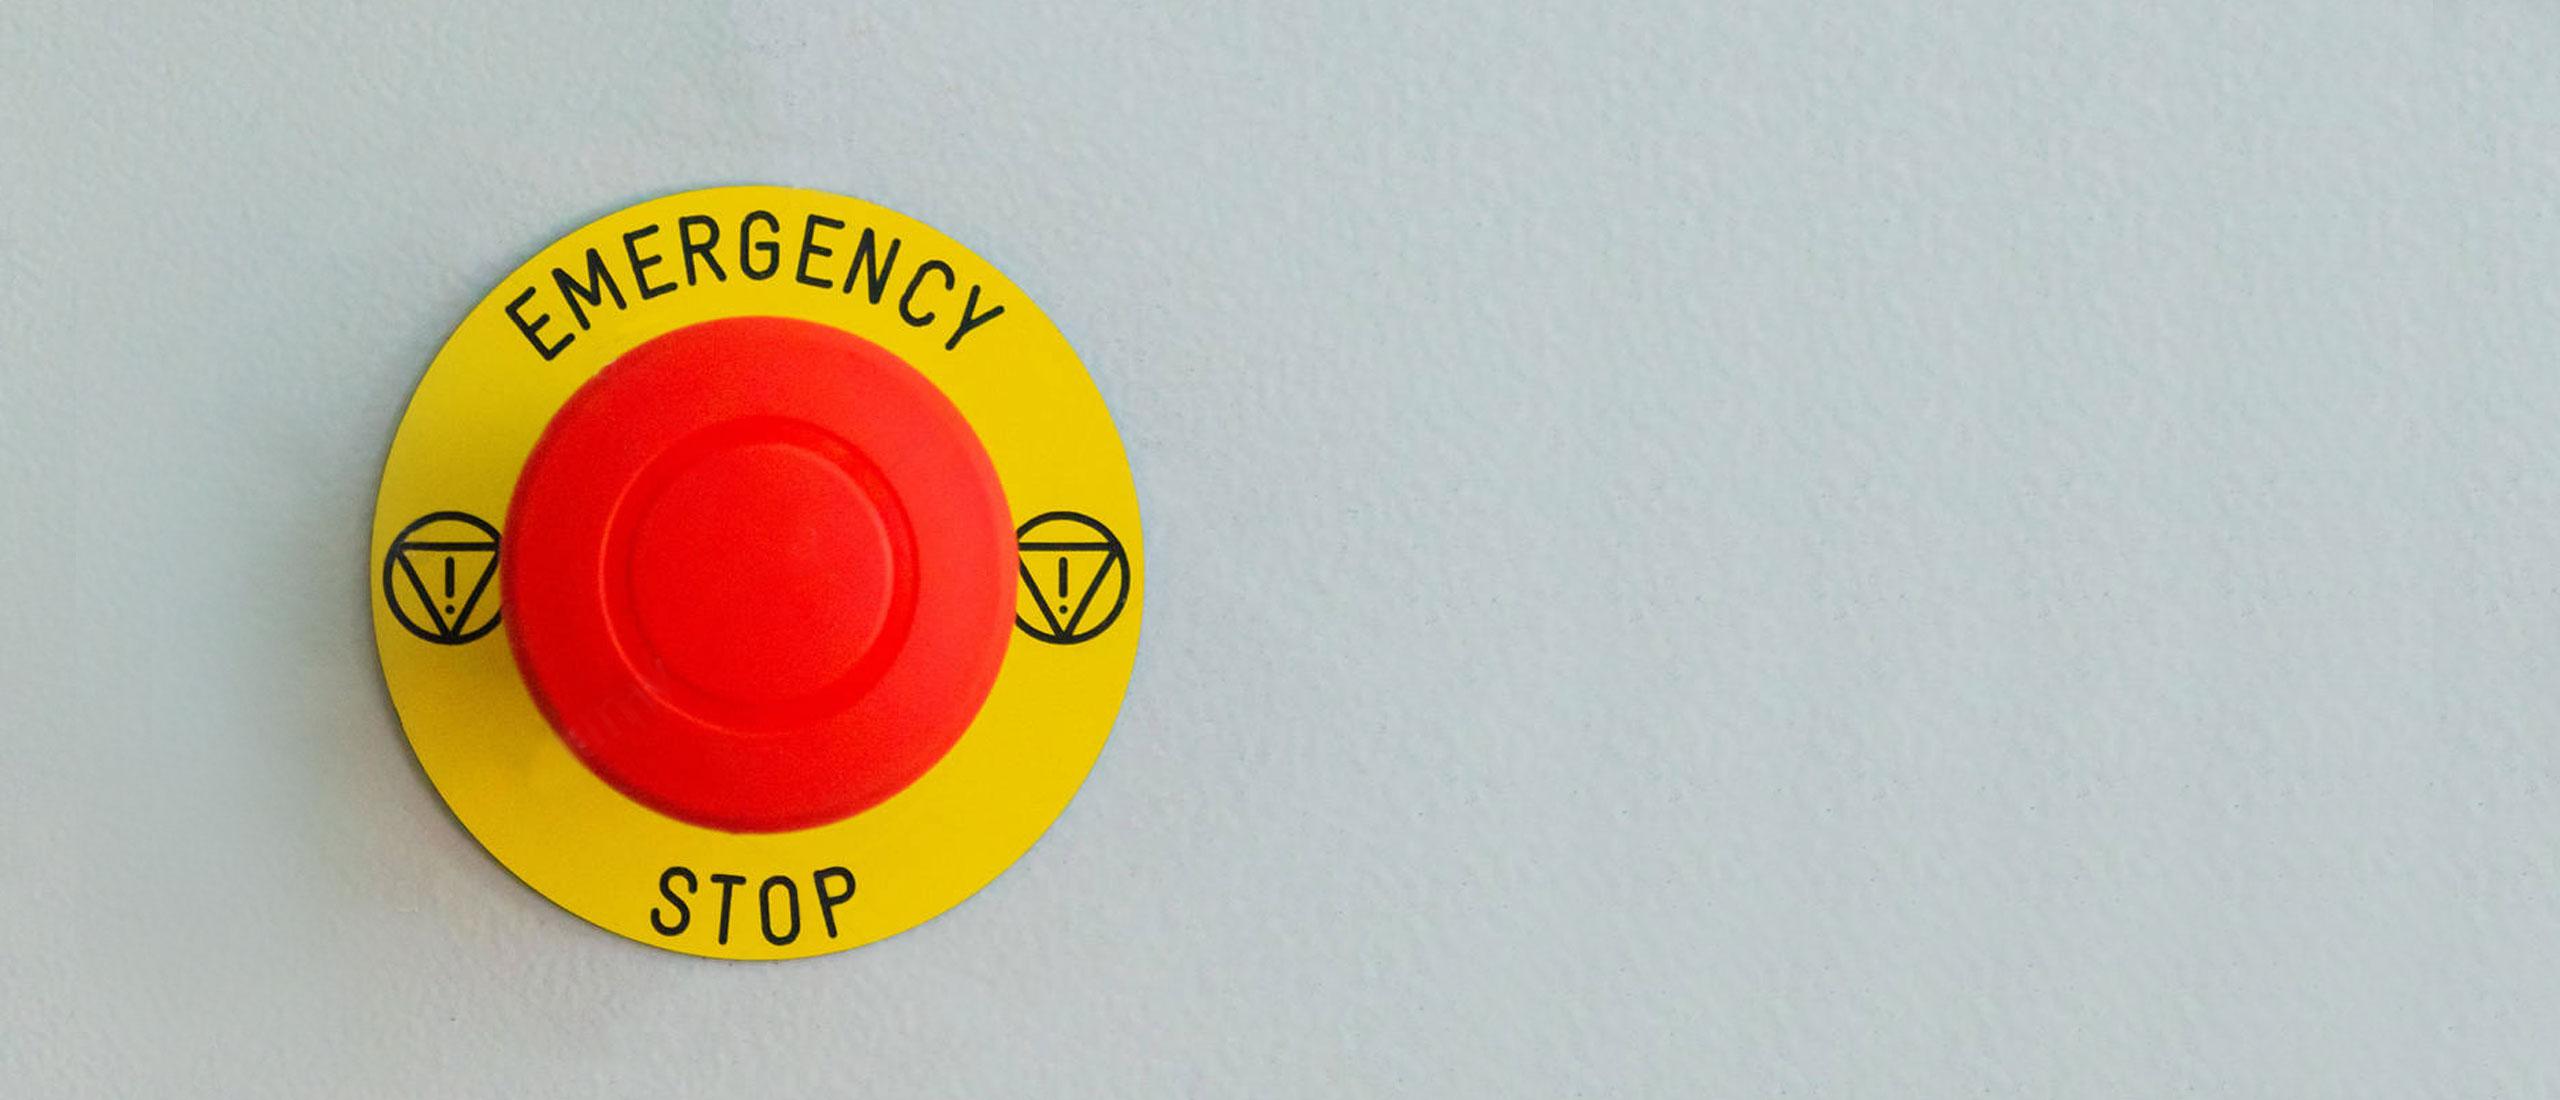 ویژگی های کنترل اضطراری